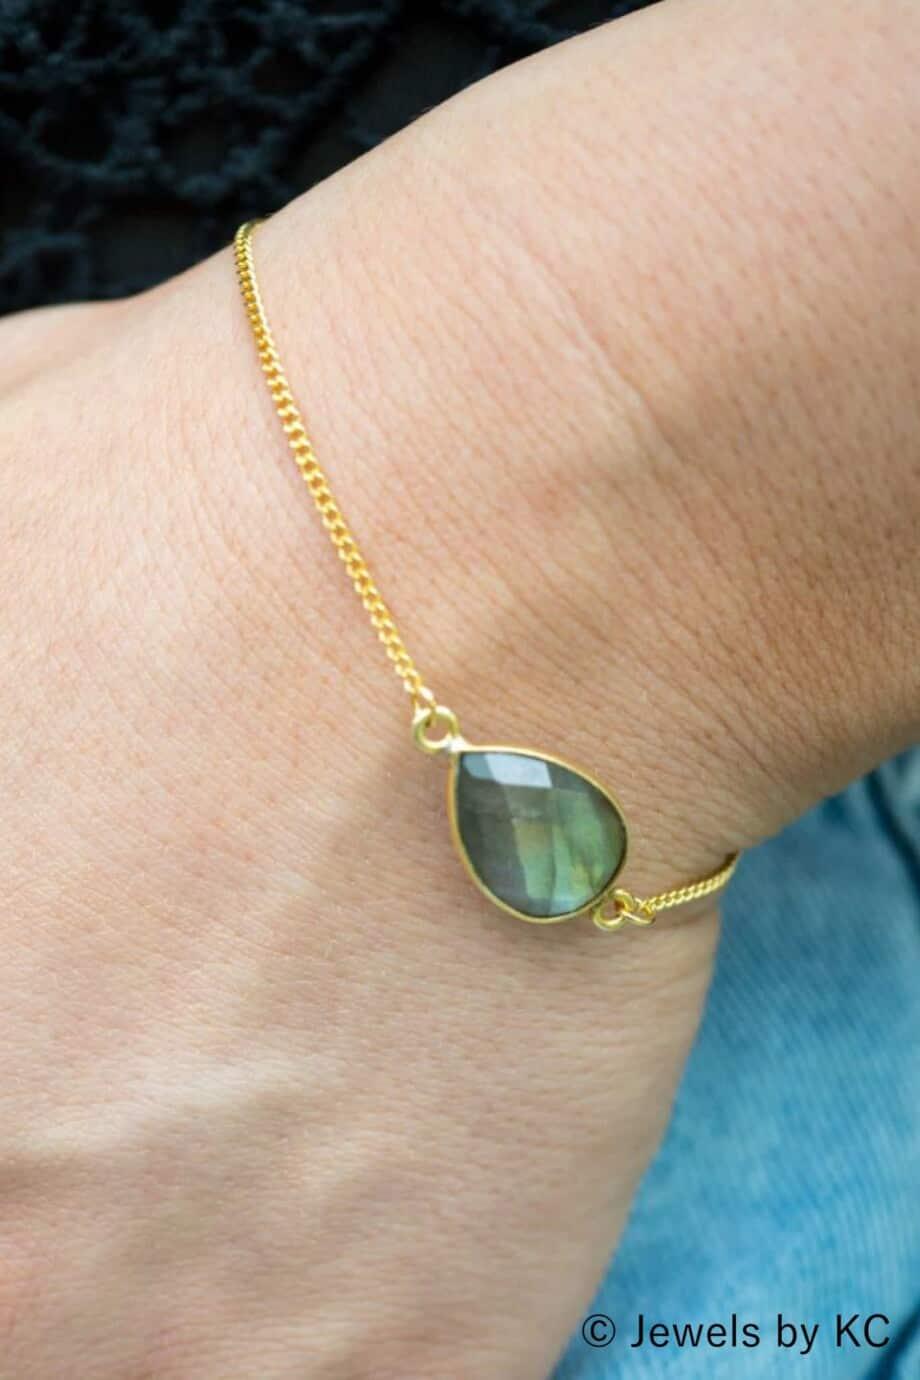 Handgemaakte Gouden armband met Labradoriet edelsteen